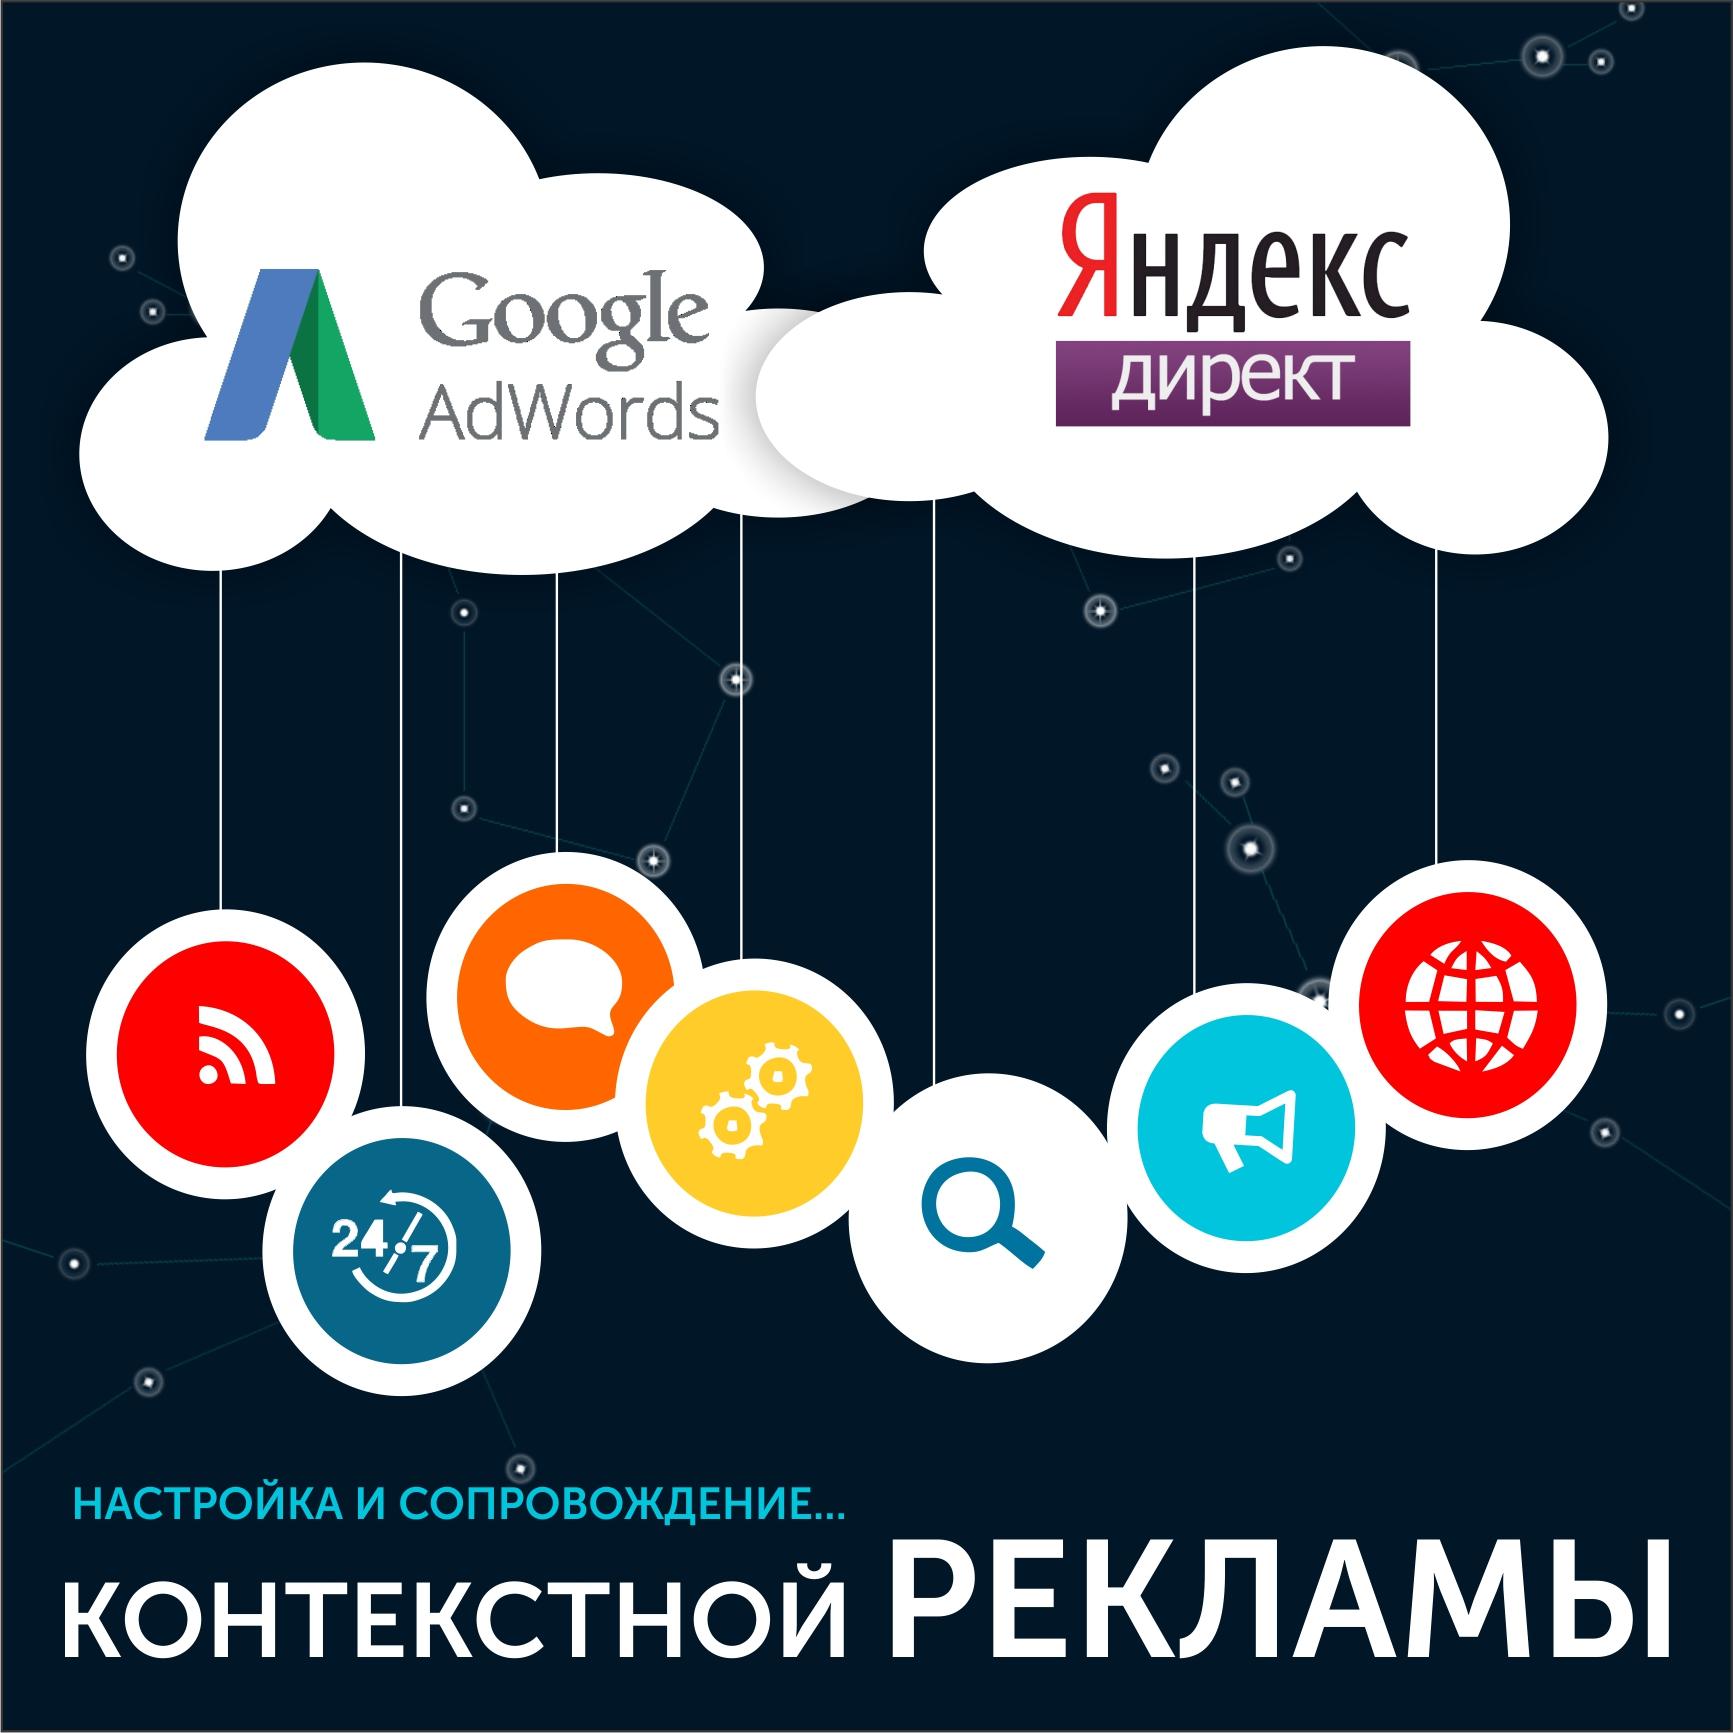 Недорогая и качественная настройка контекстной рекламы в Москве